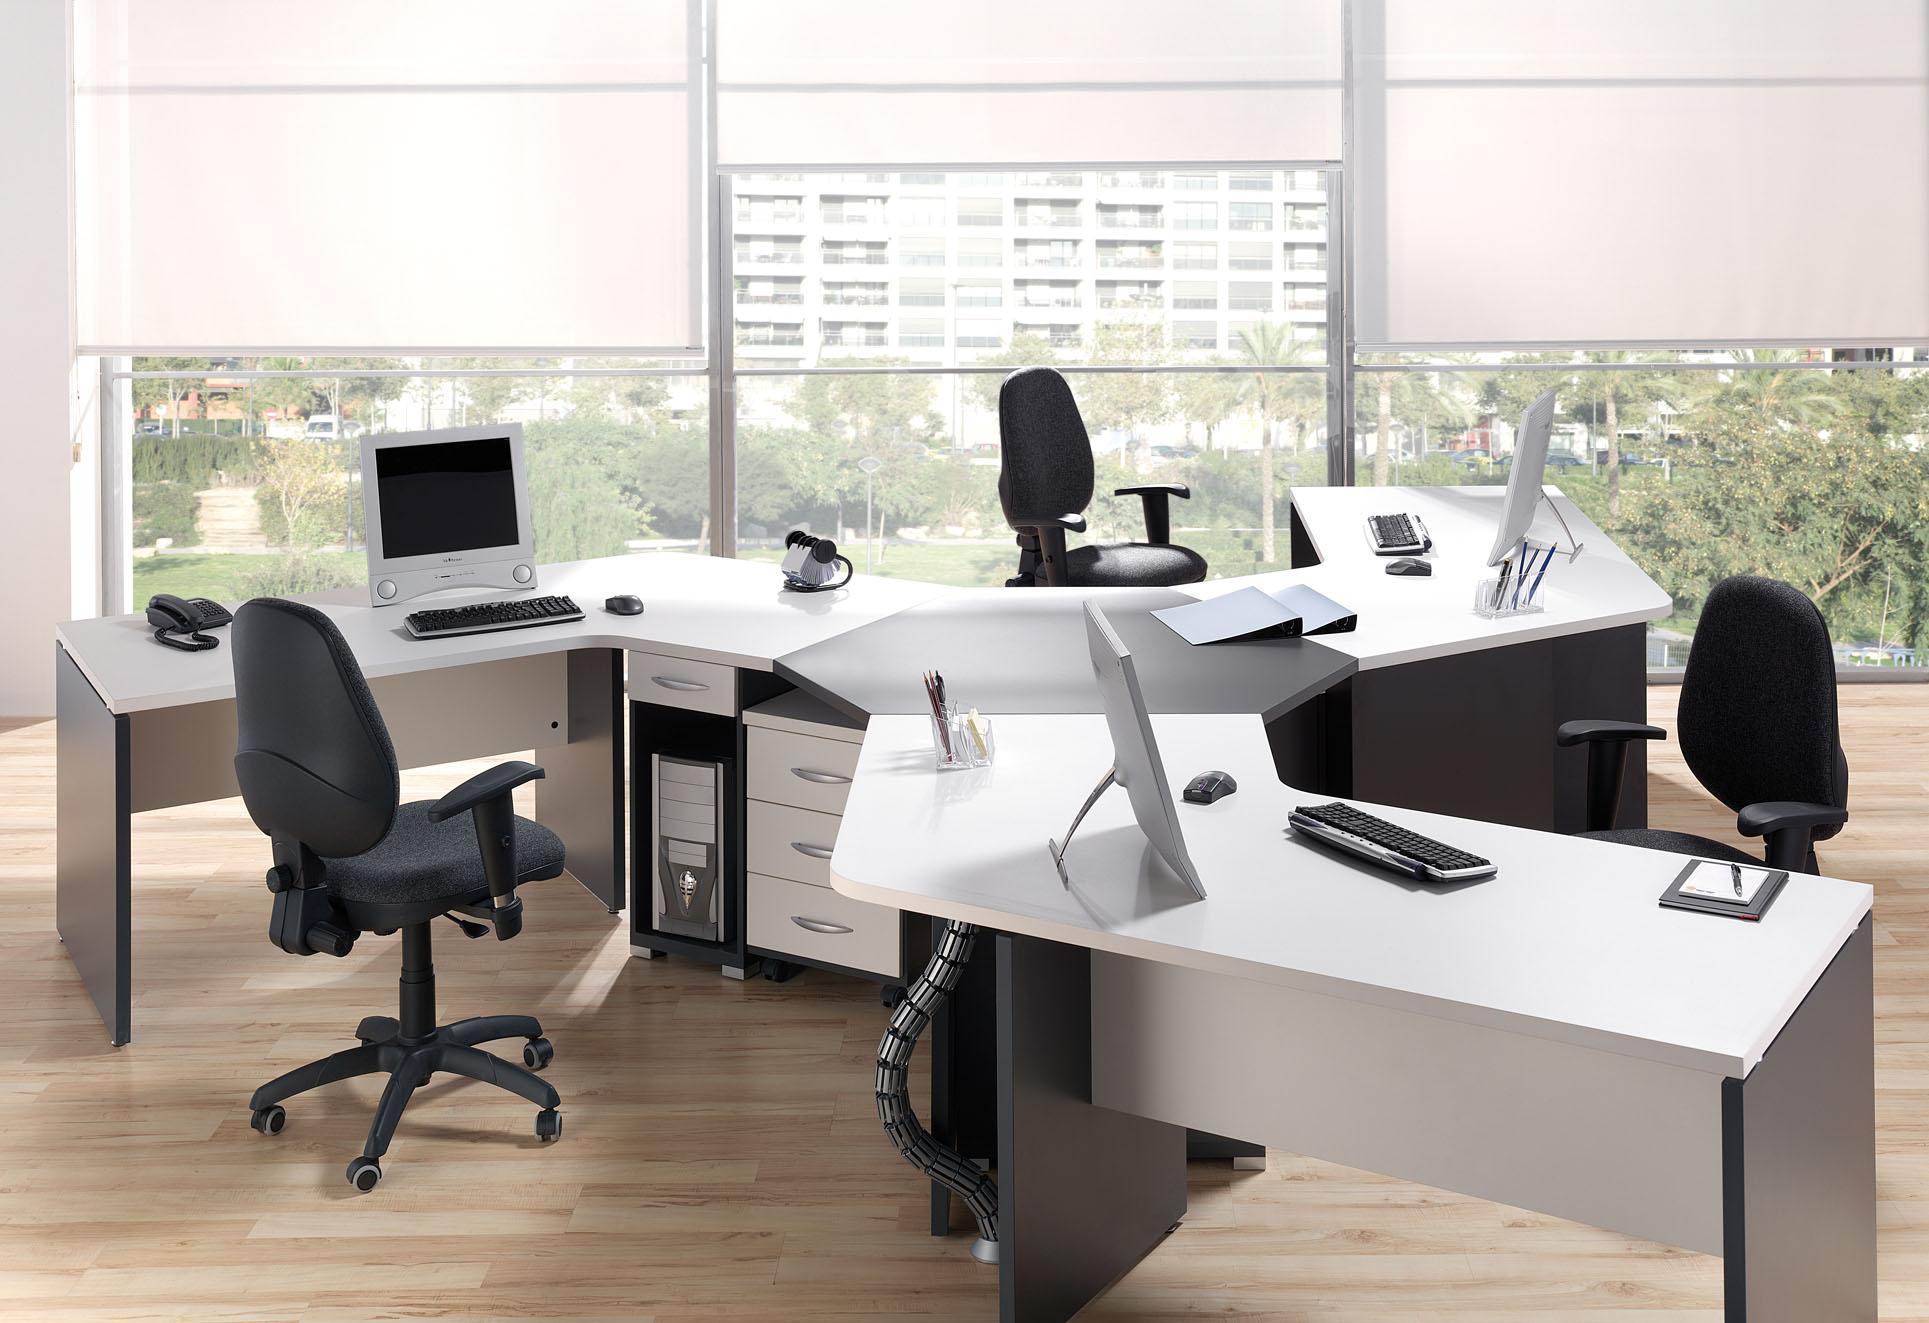 Mudanzas de oficinas for Muebles de oficina puestos de trabajo